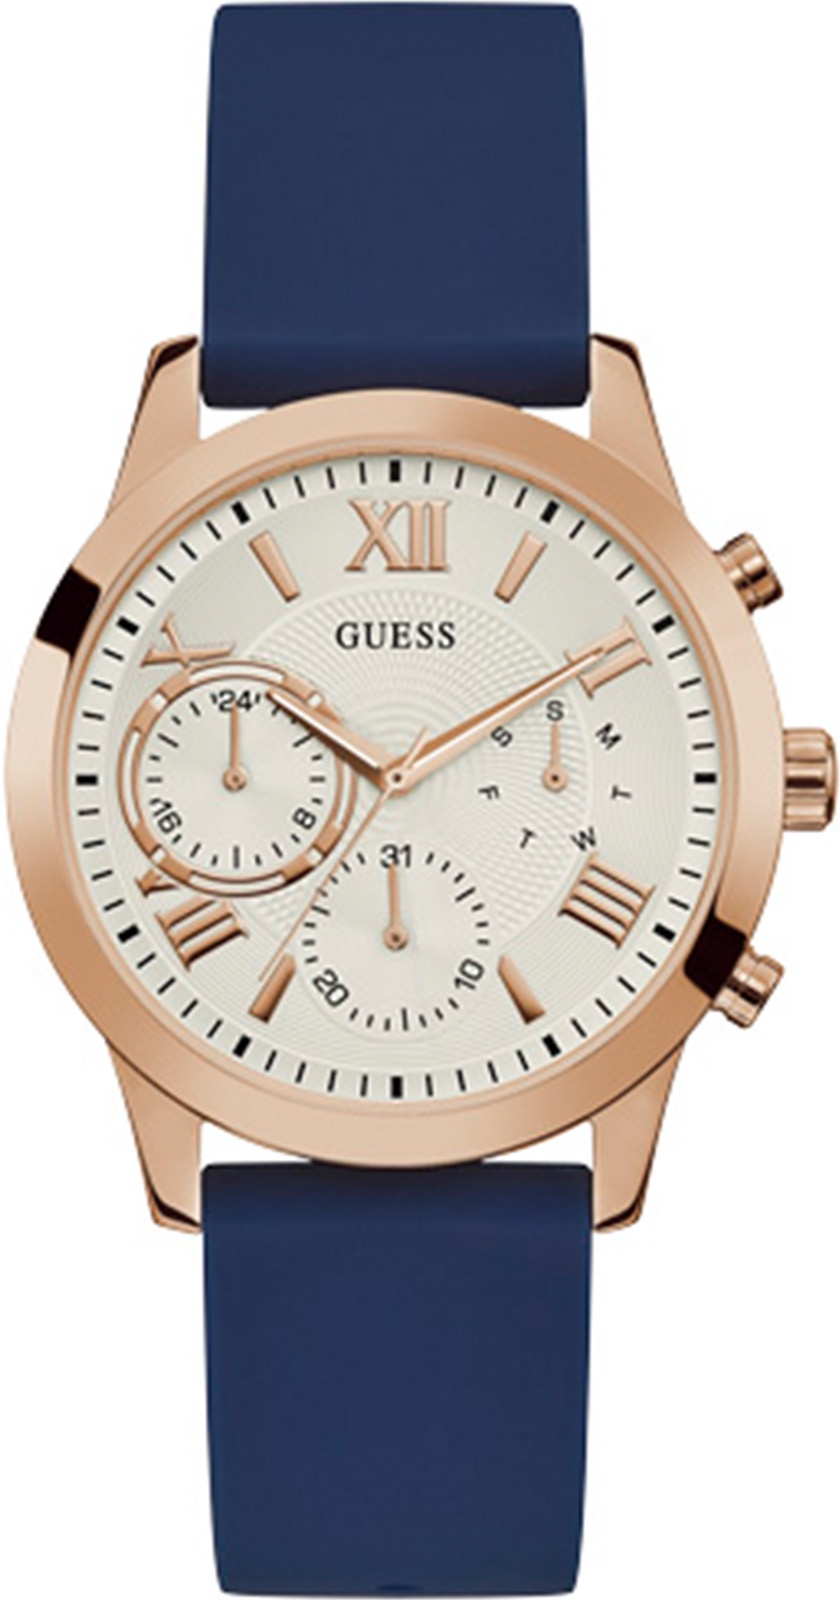 купить Часы Guess SOLAR по цене 9990 рублей